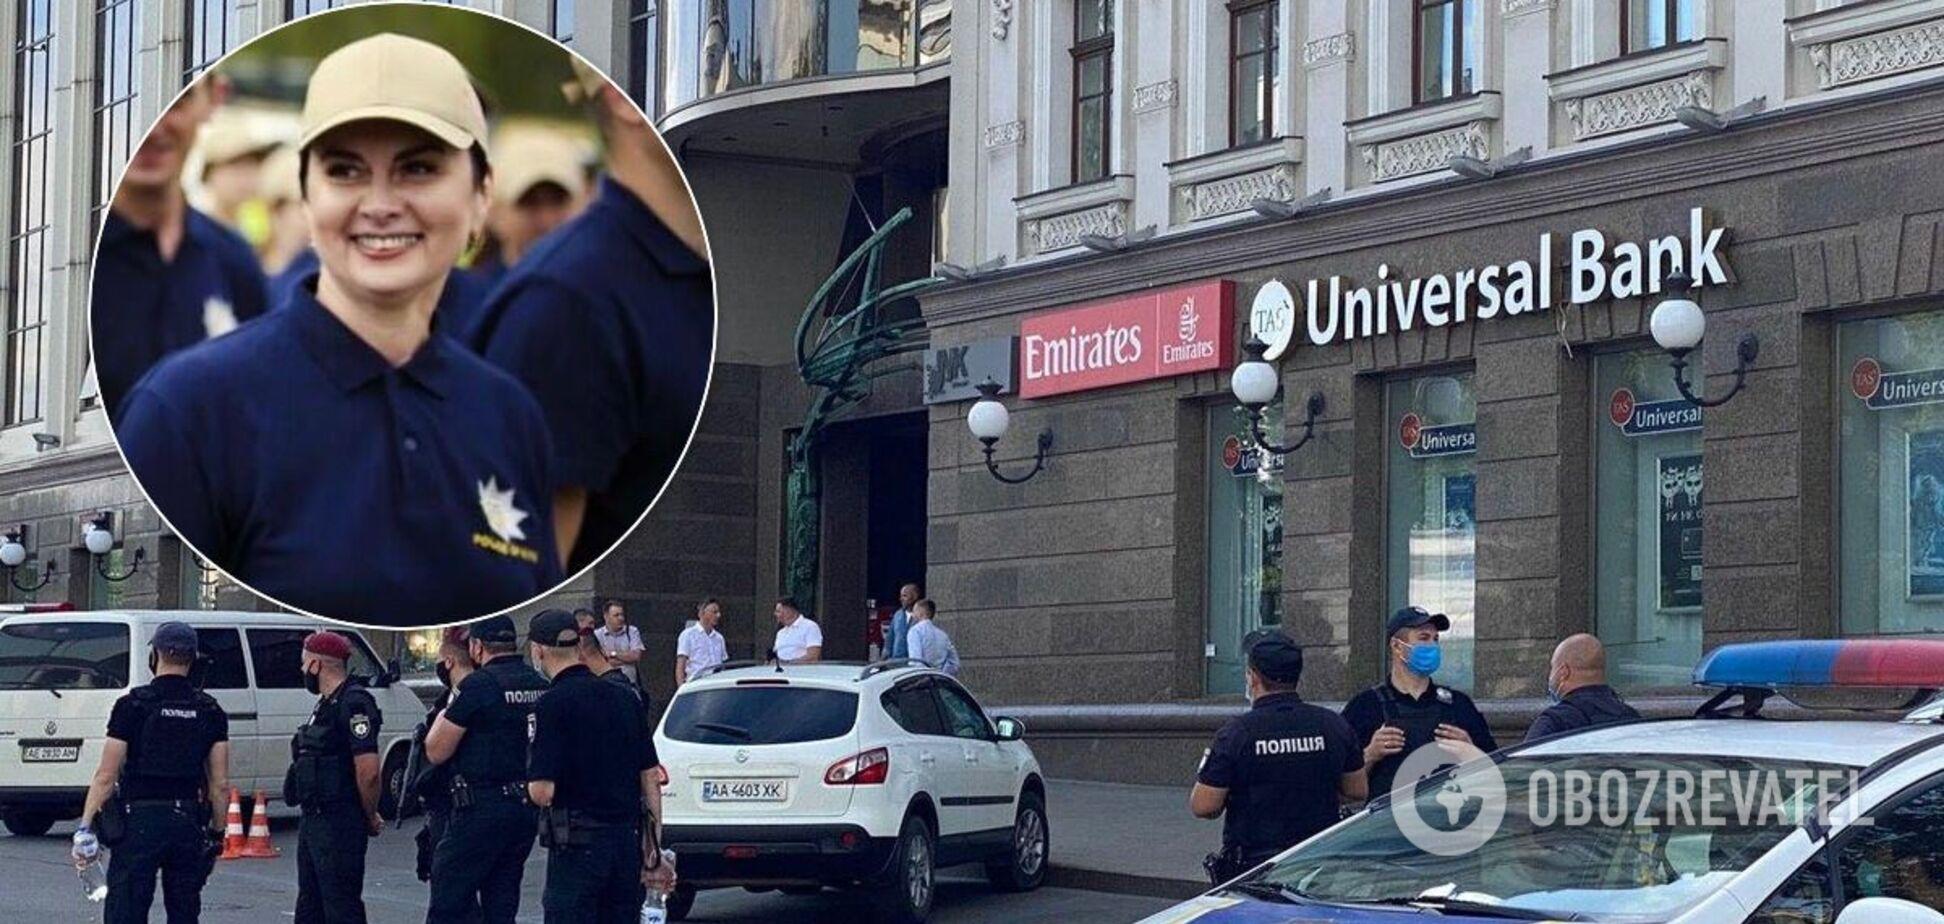 Виктория Азарова приняла участие в спецоперации по освобождению заложницы в отделении банка в БЦ ''Леонардо''